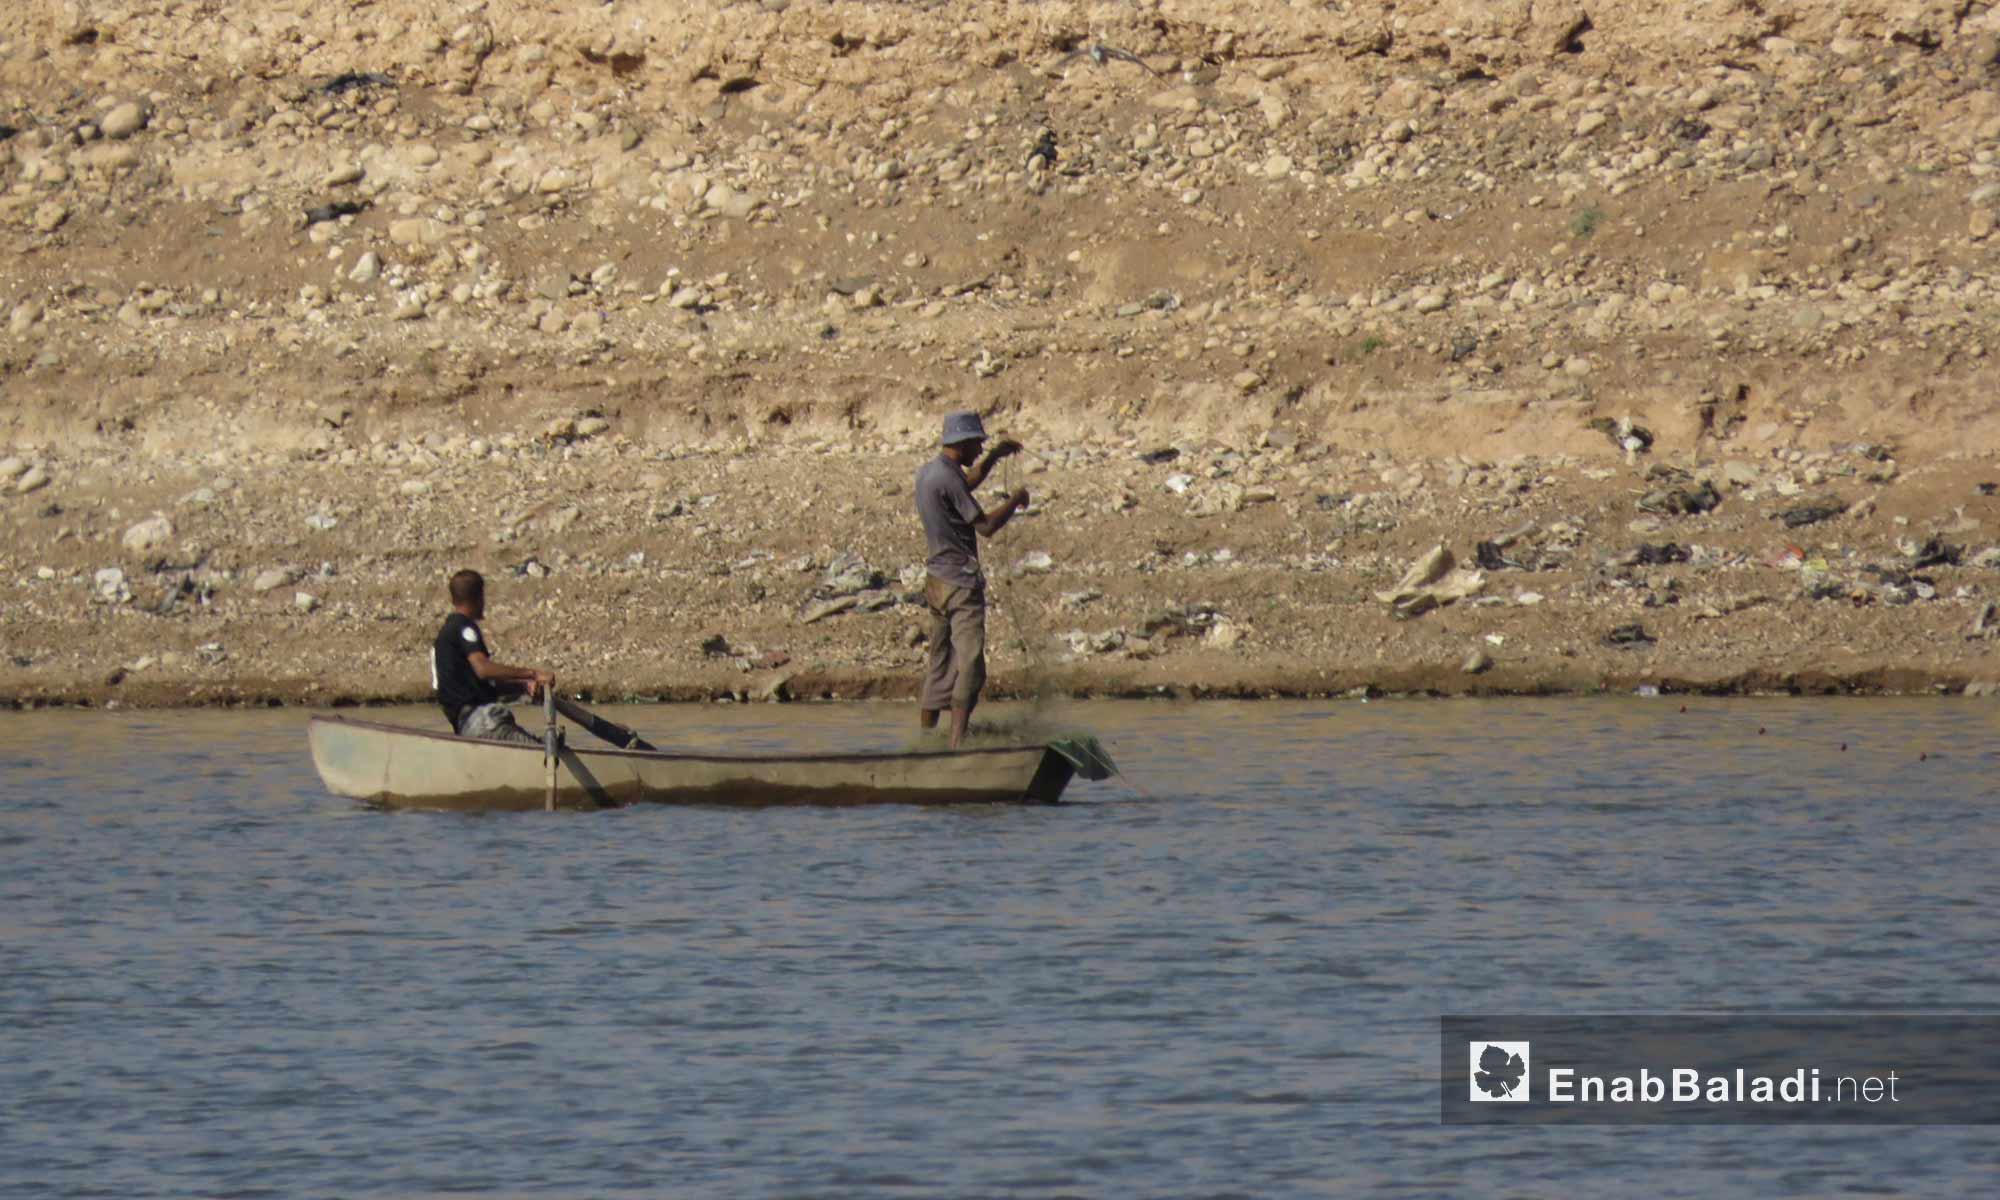 صيادان على متن قارب في بحيرة سد الرستن في ريف حمص الشمالي - 9 أيلول 2017 (عنب بلدي)